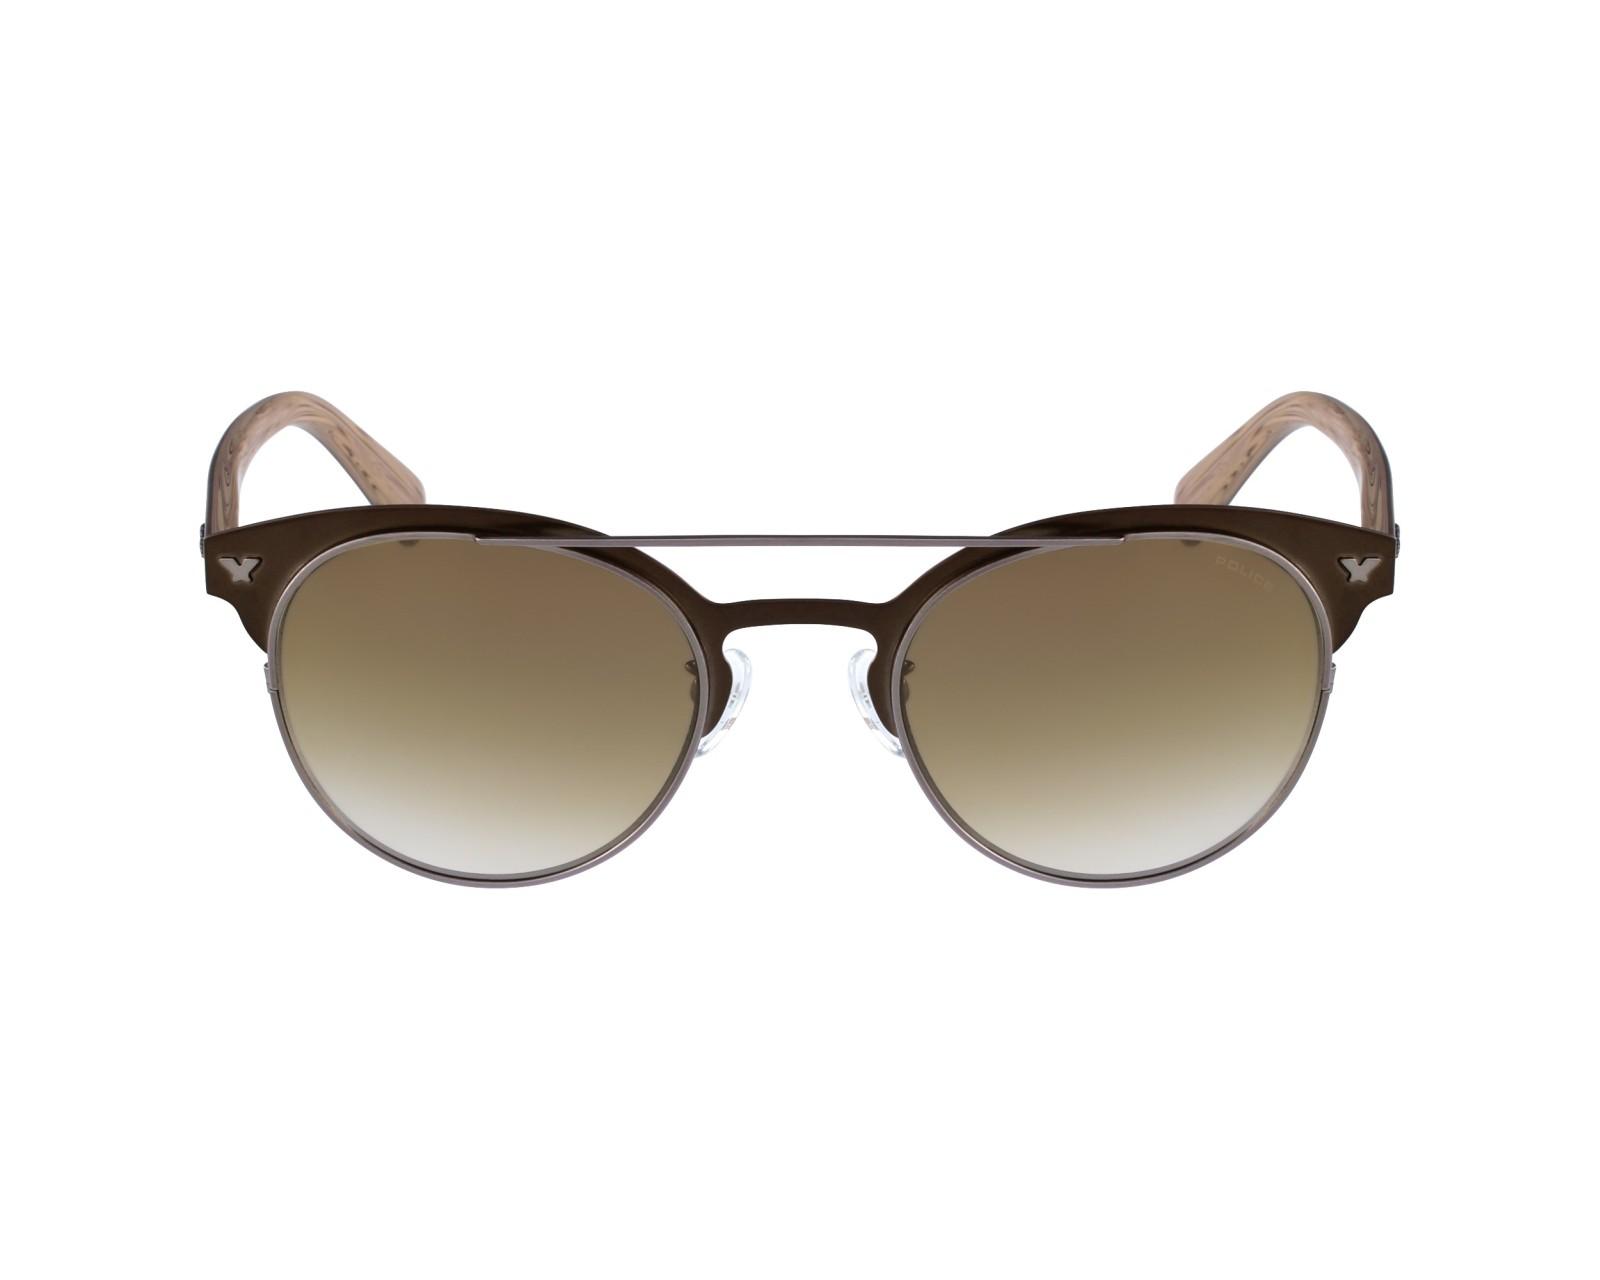 lunettes de soleil police s 8950 548x bronze avec des verres marron pour hommes taille 51 pour. Black Bedroom Furniture Sets. Home Design Ideas